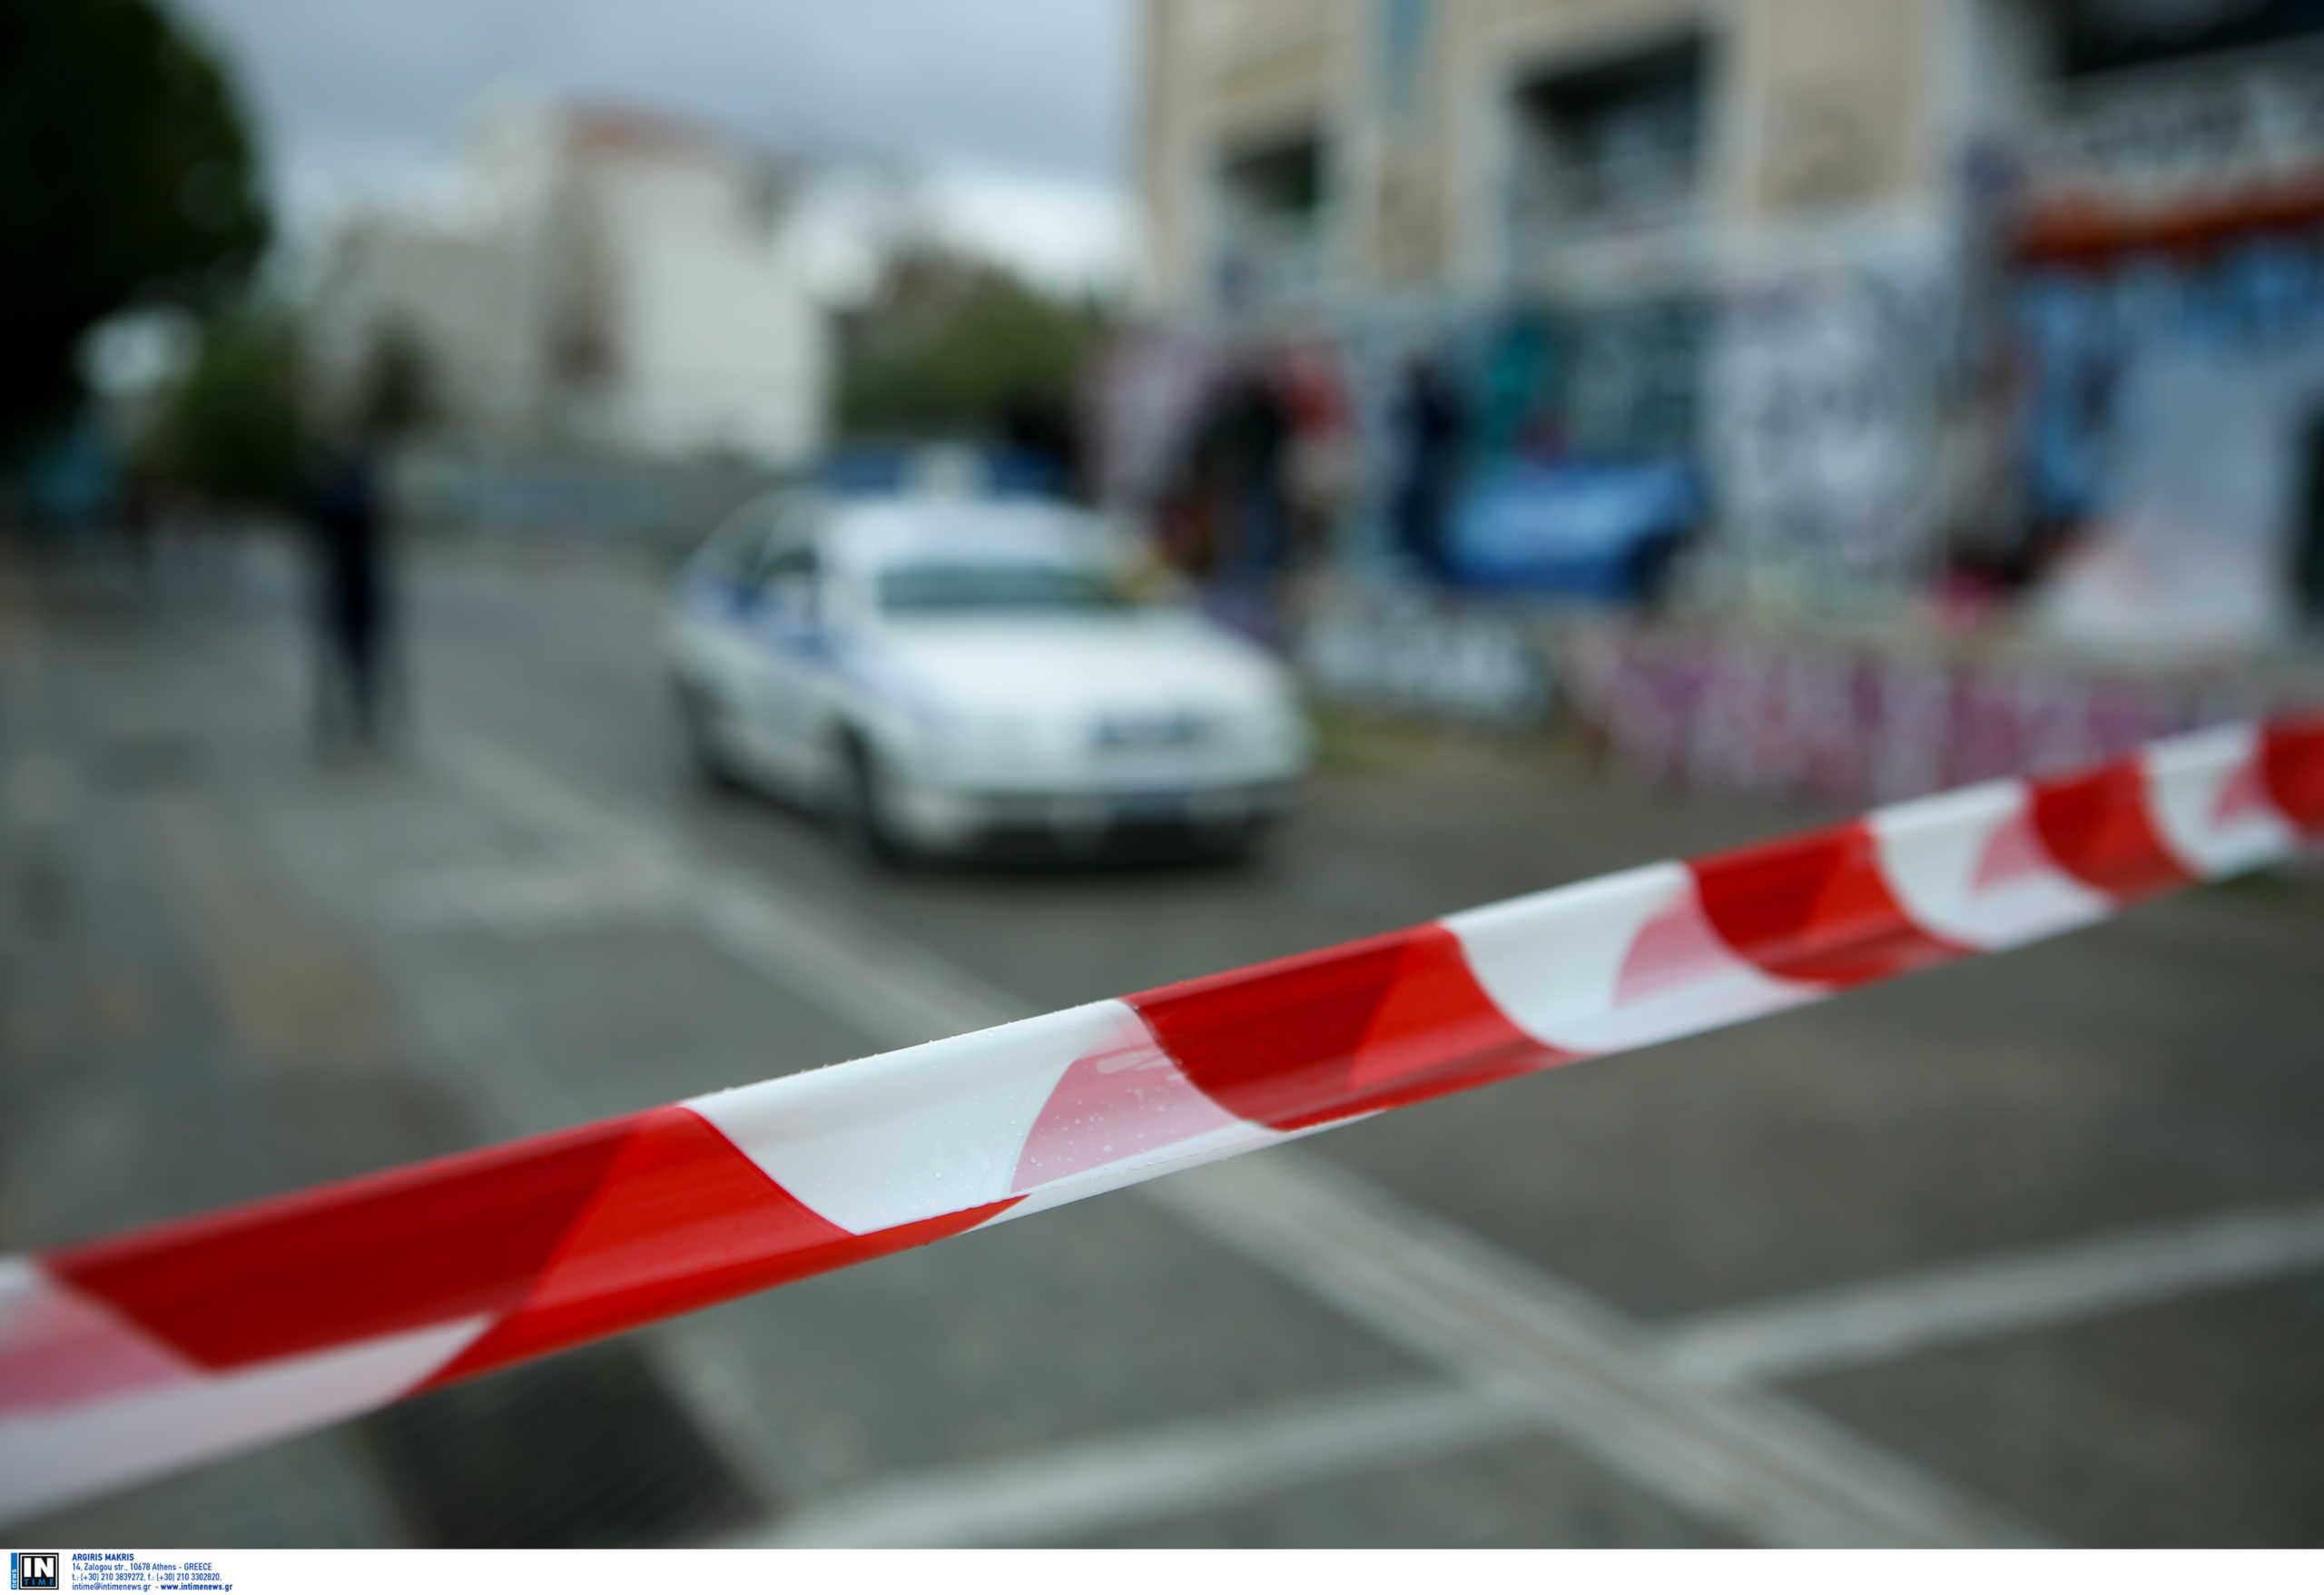 Αιτωλοακαρνανία: Αιματηρό επεισόδιο Πακιστανών στη Βόνιτσα – Βγήκαν μαχαίρια μετά τις πρώτες κουβέντες